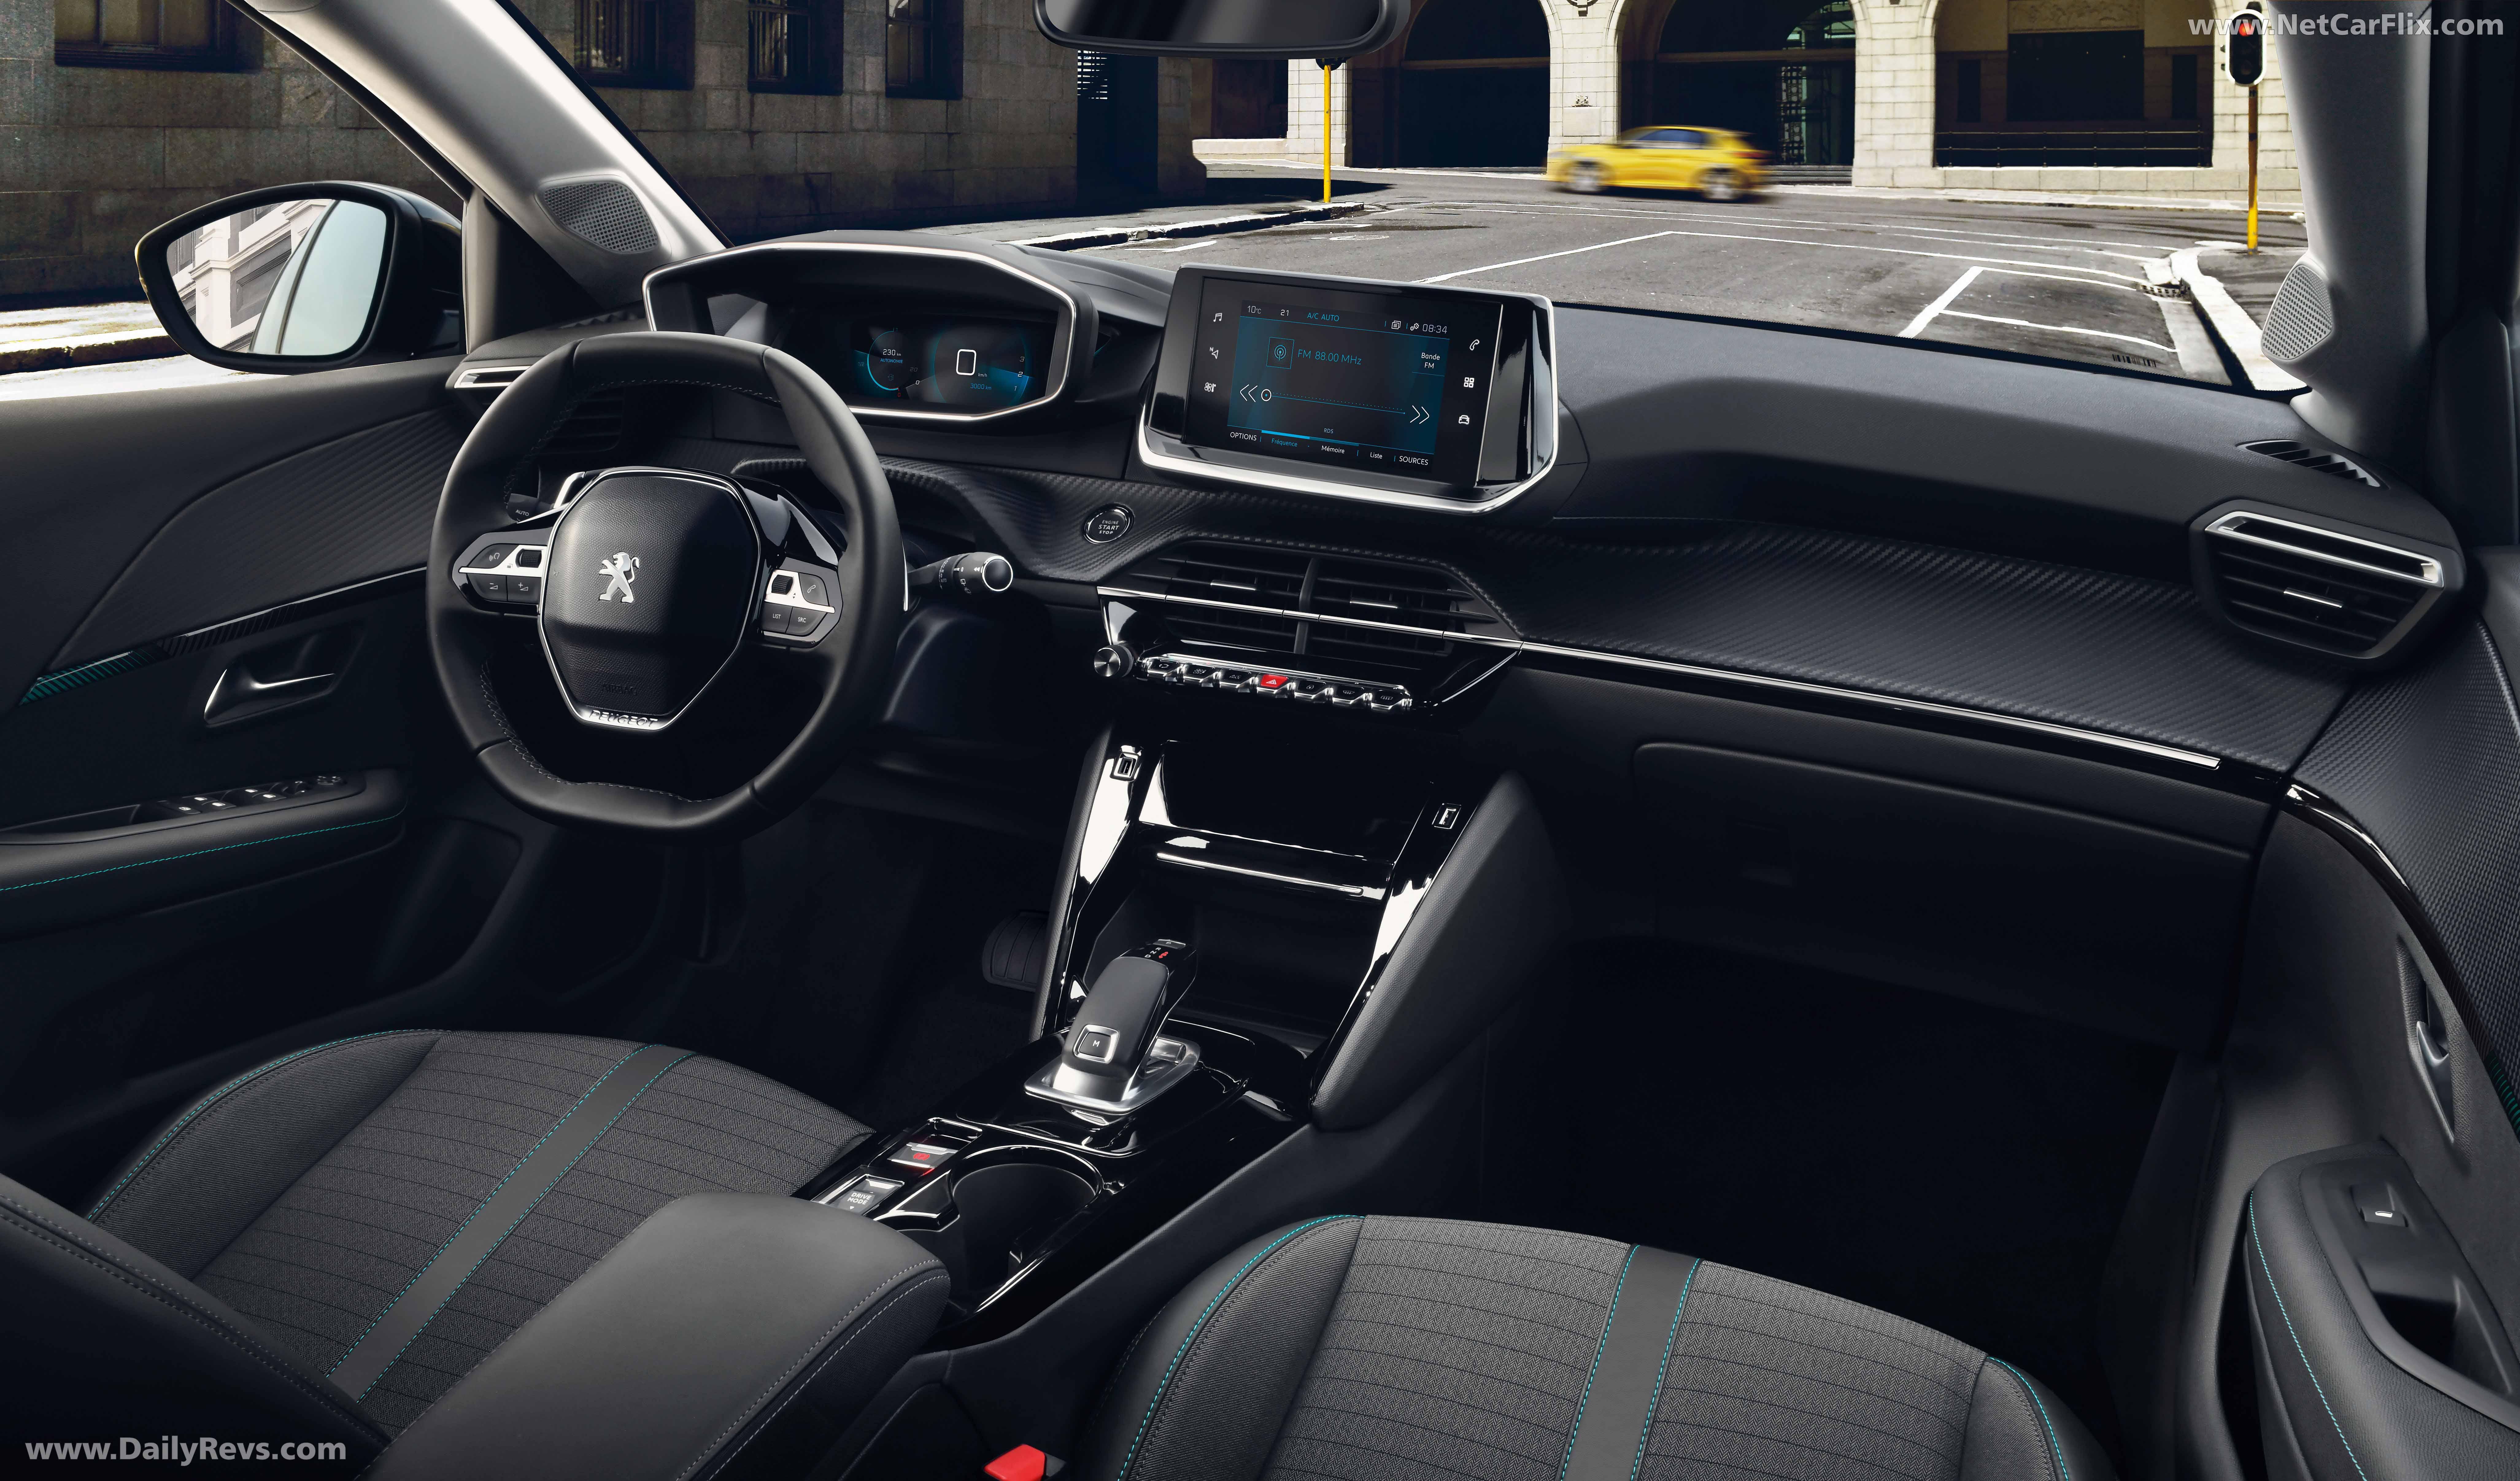 2020 Peugeot e-208 full